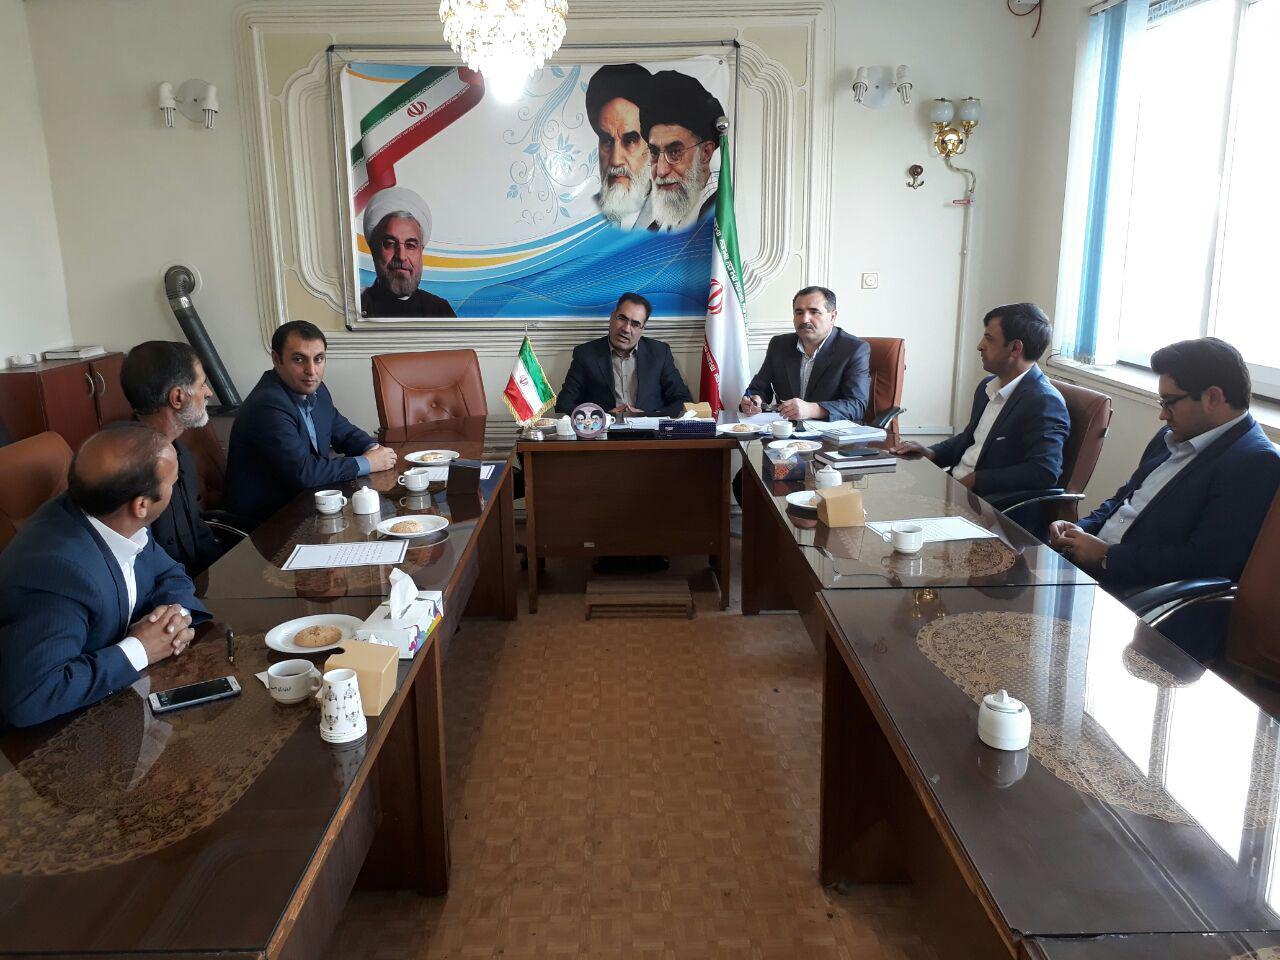 انتخابات هیئترئیسه شورای اسلامی شهرستان اهر برگزار شد/ بهبود سعادتی رئیس شد